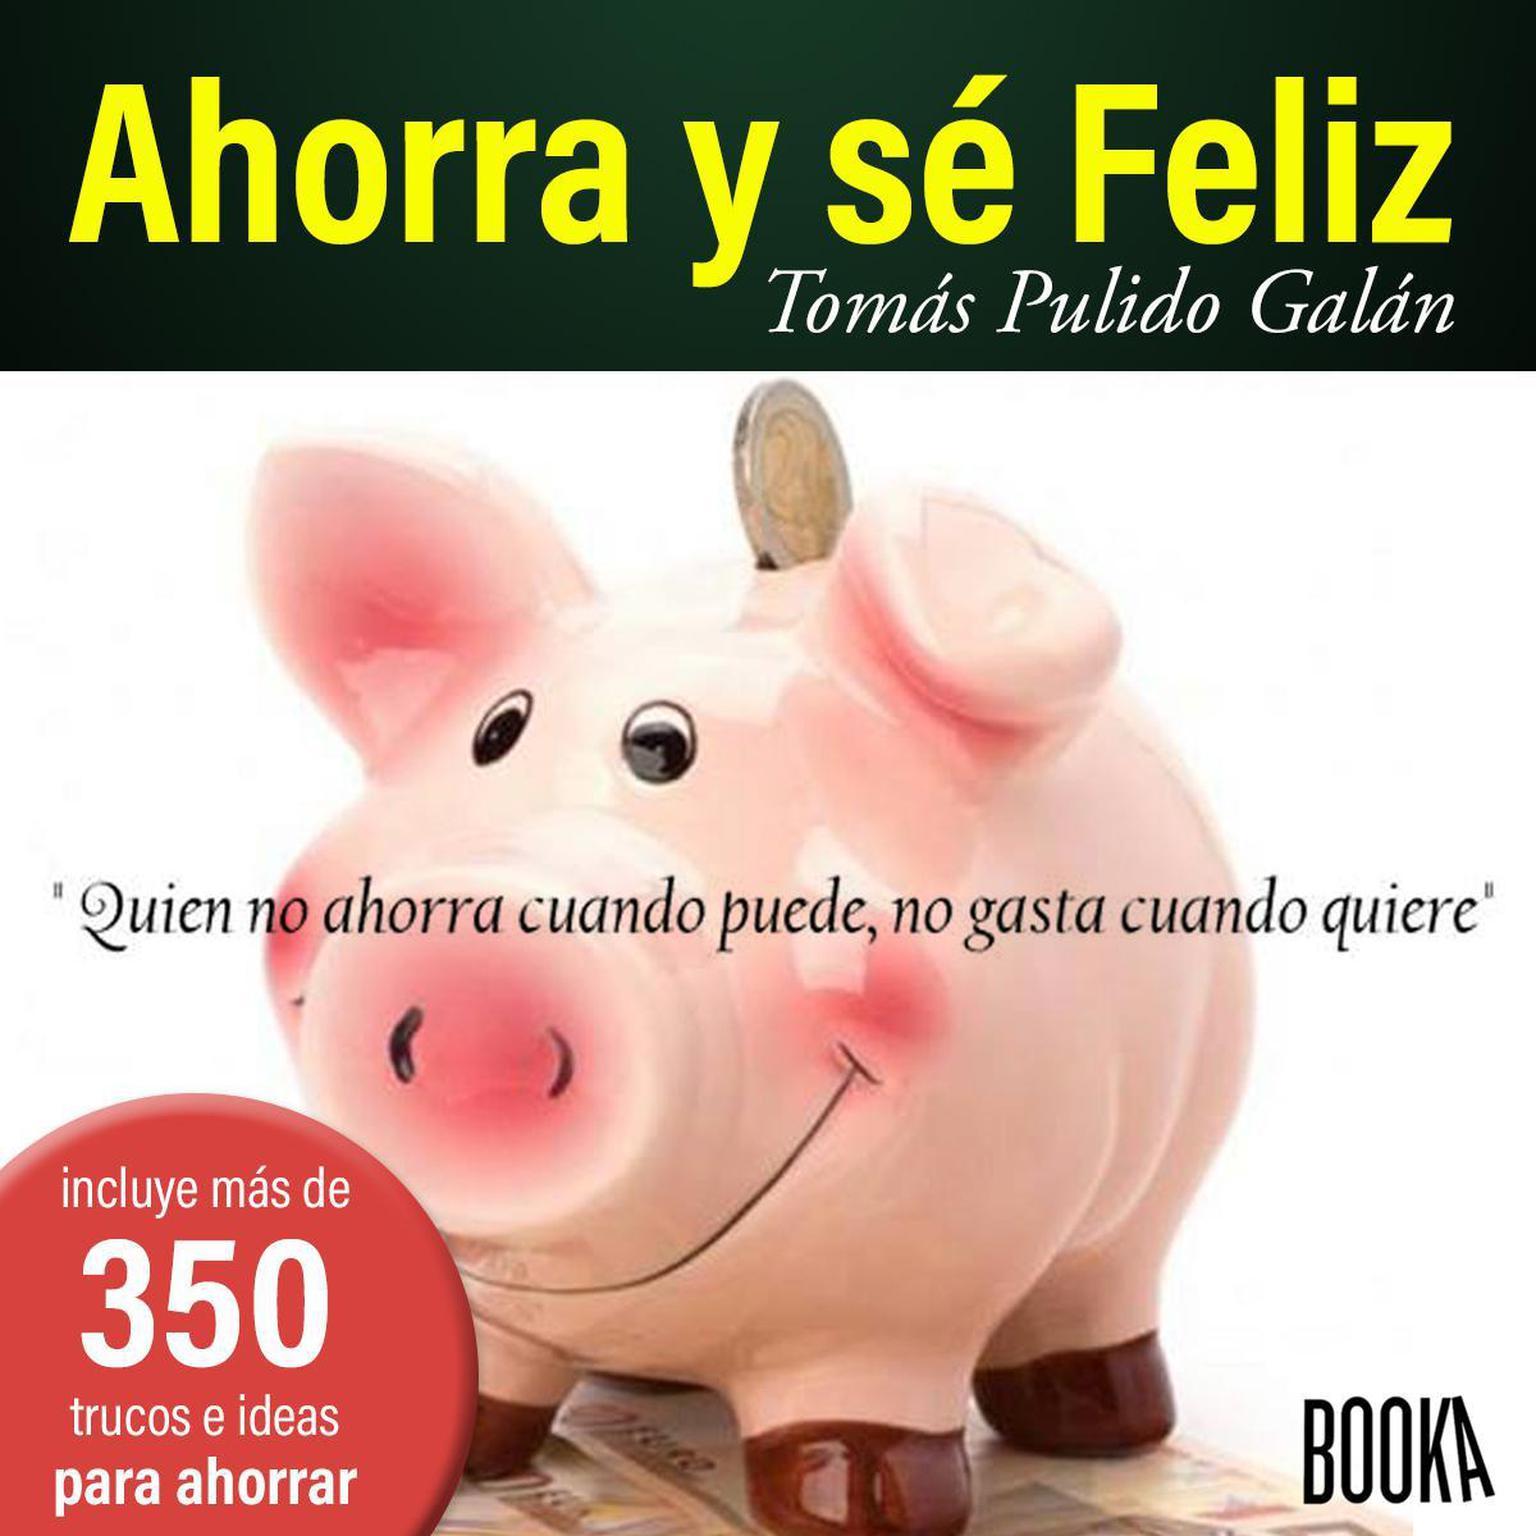 Ahorra Y Se Feliz Audiobook, by Tomas Pulido Galan